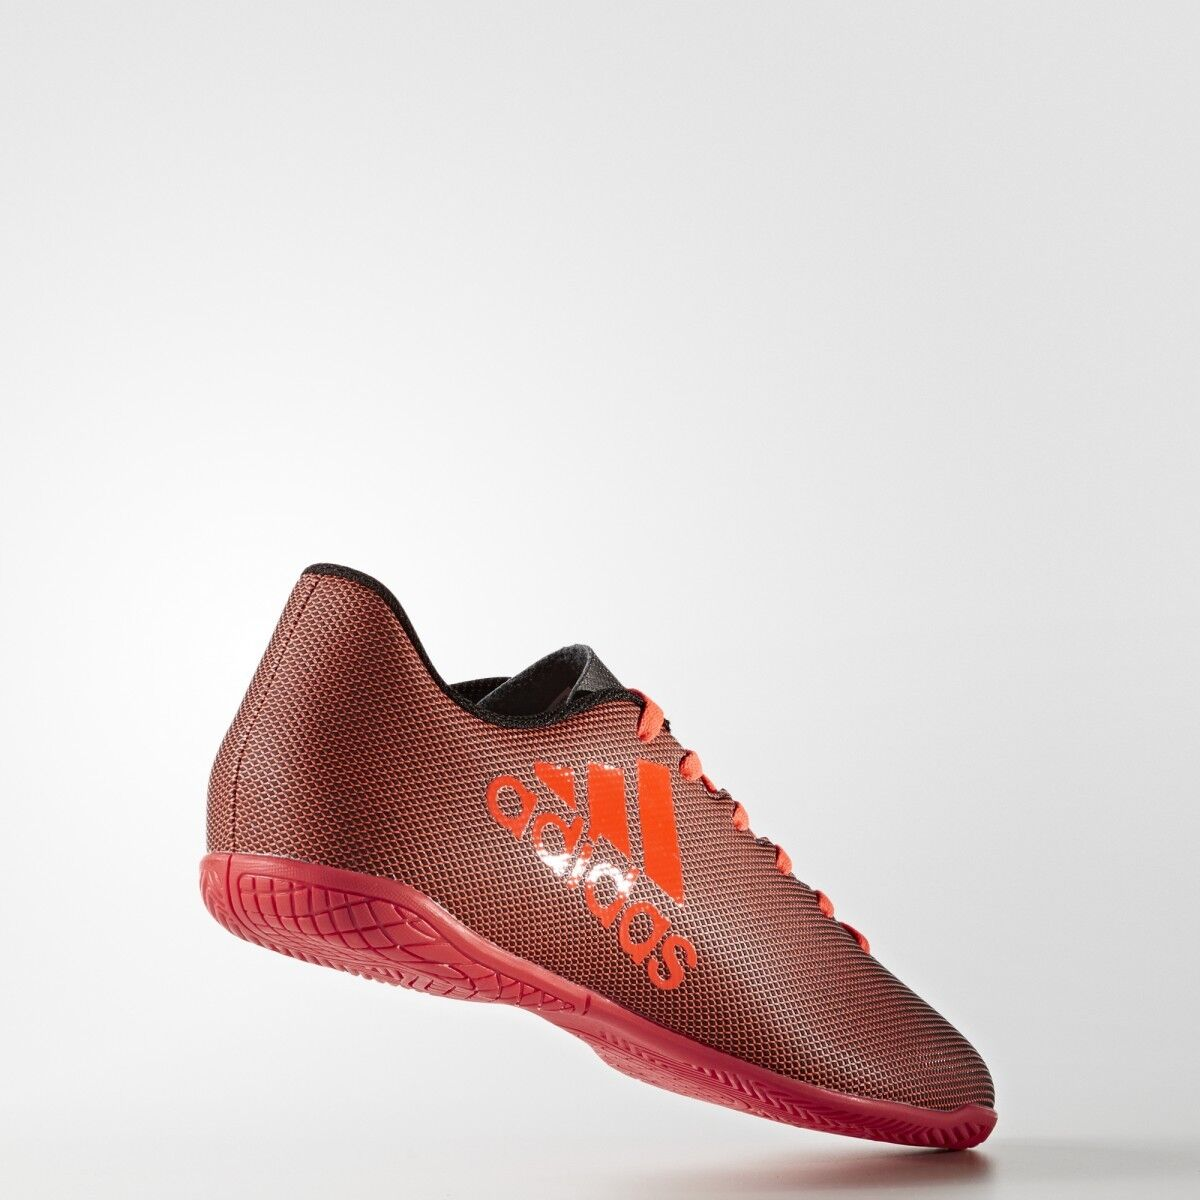 Adidas Men's X 17.4 IN Indoor Soccer Shoes S82406 Black/Red Sz 8 - 13